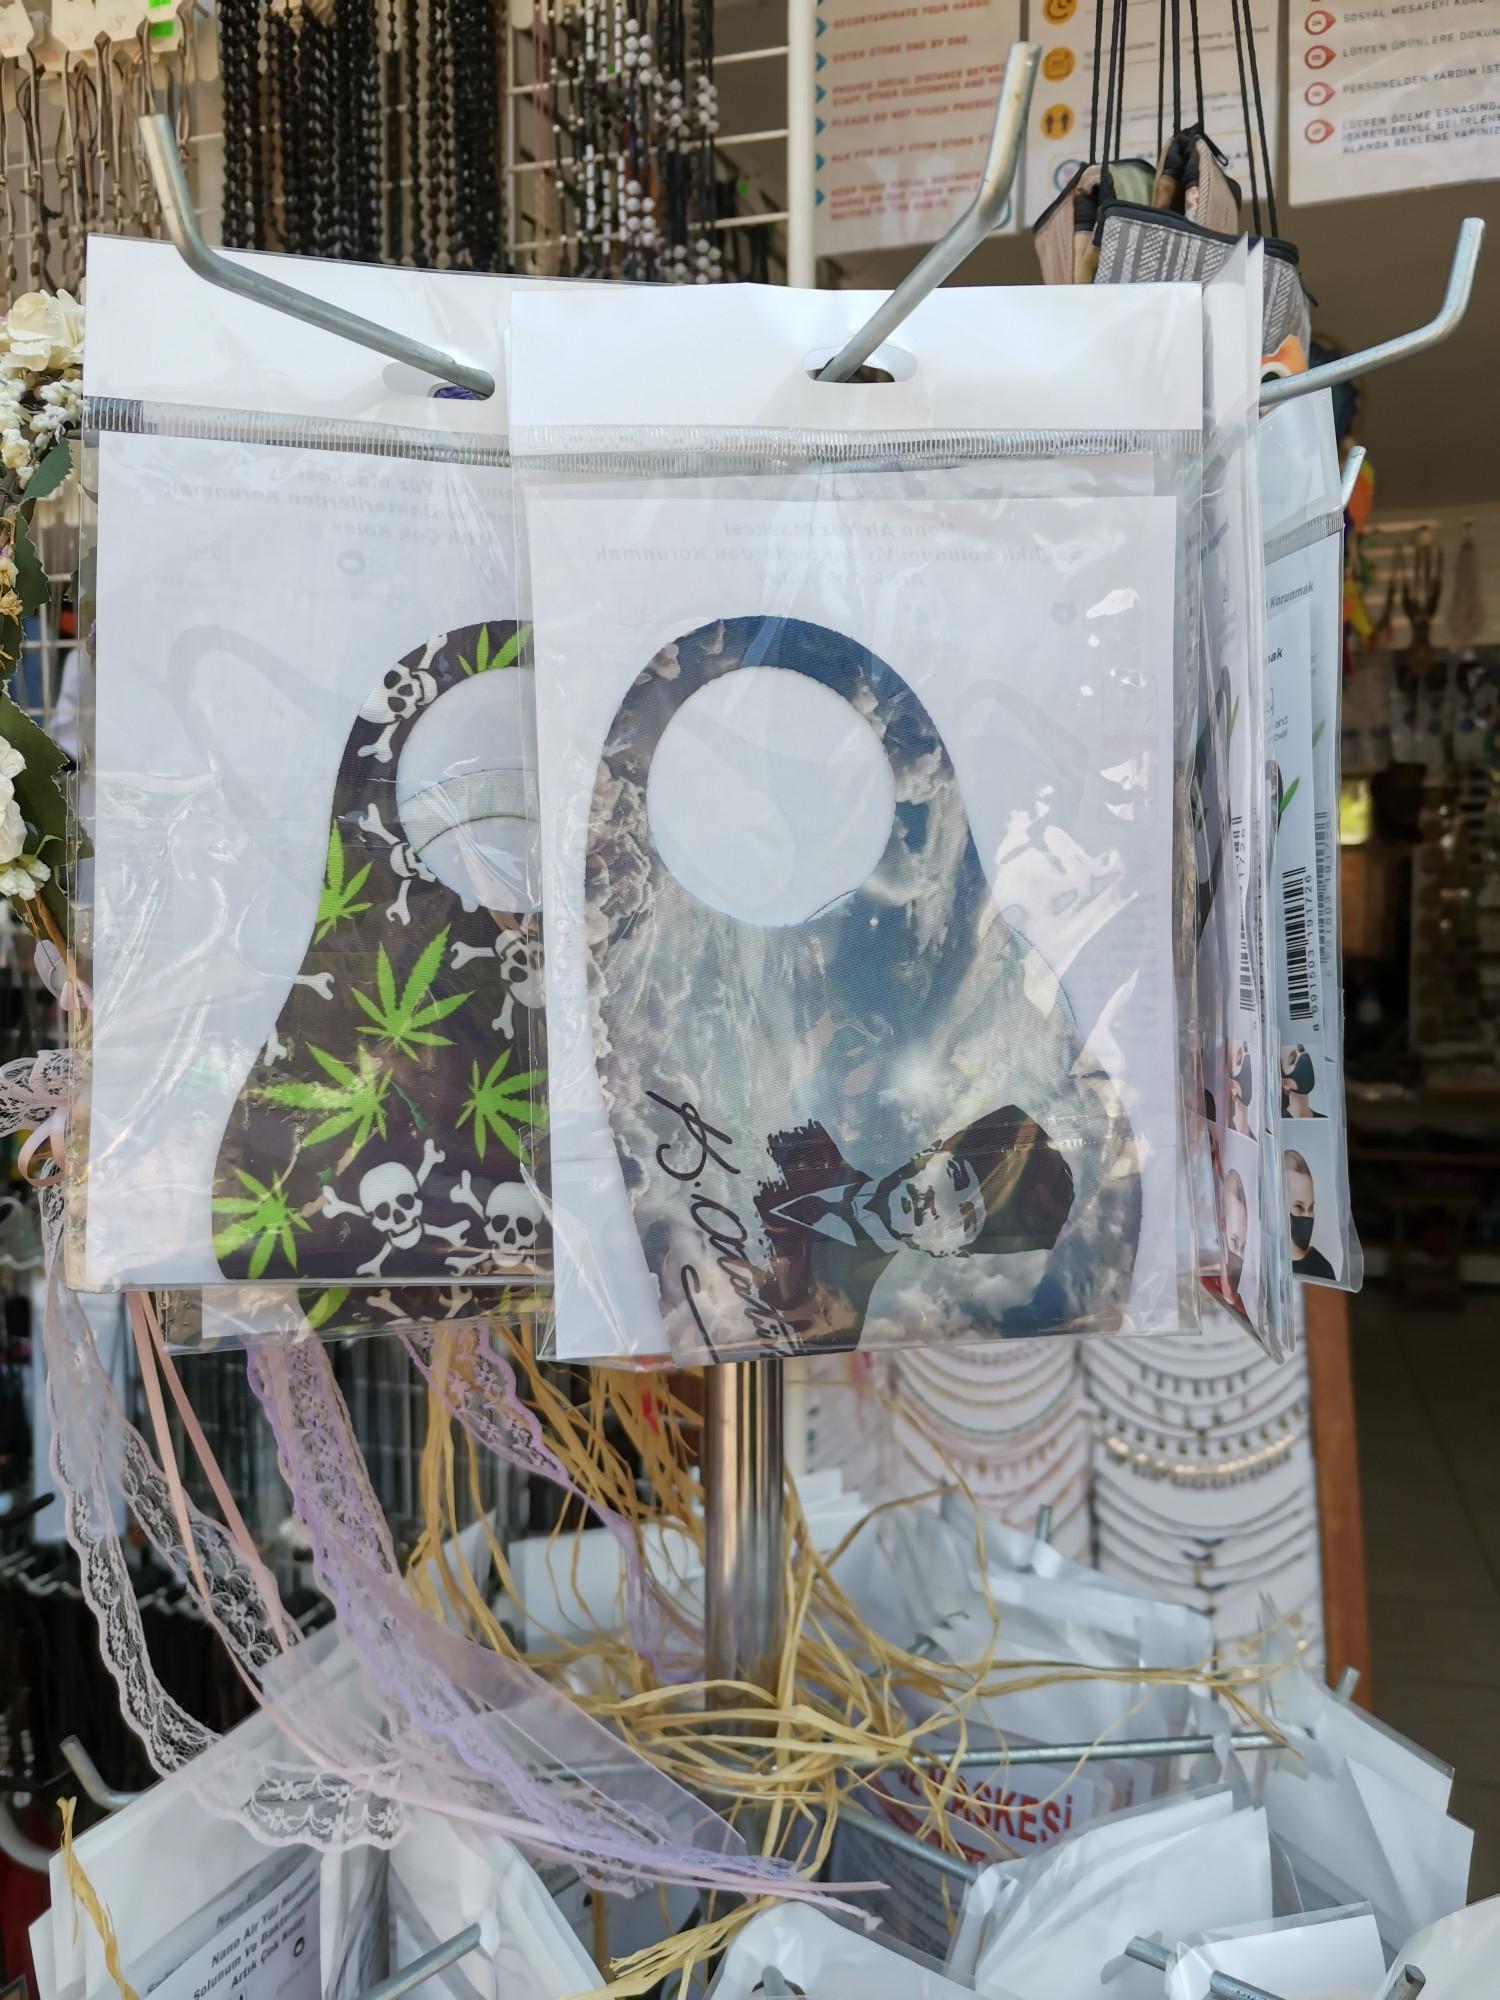 Маски с оригинальным принтом в магазинчике Турунча